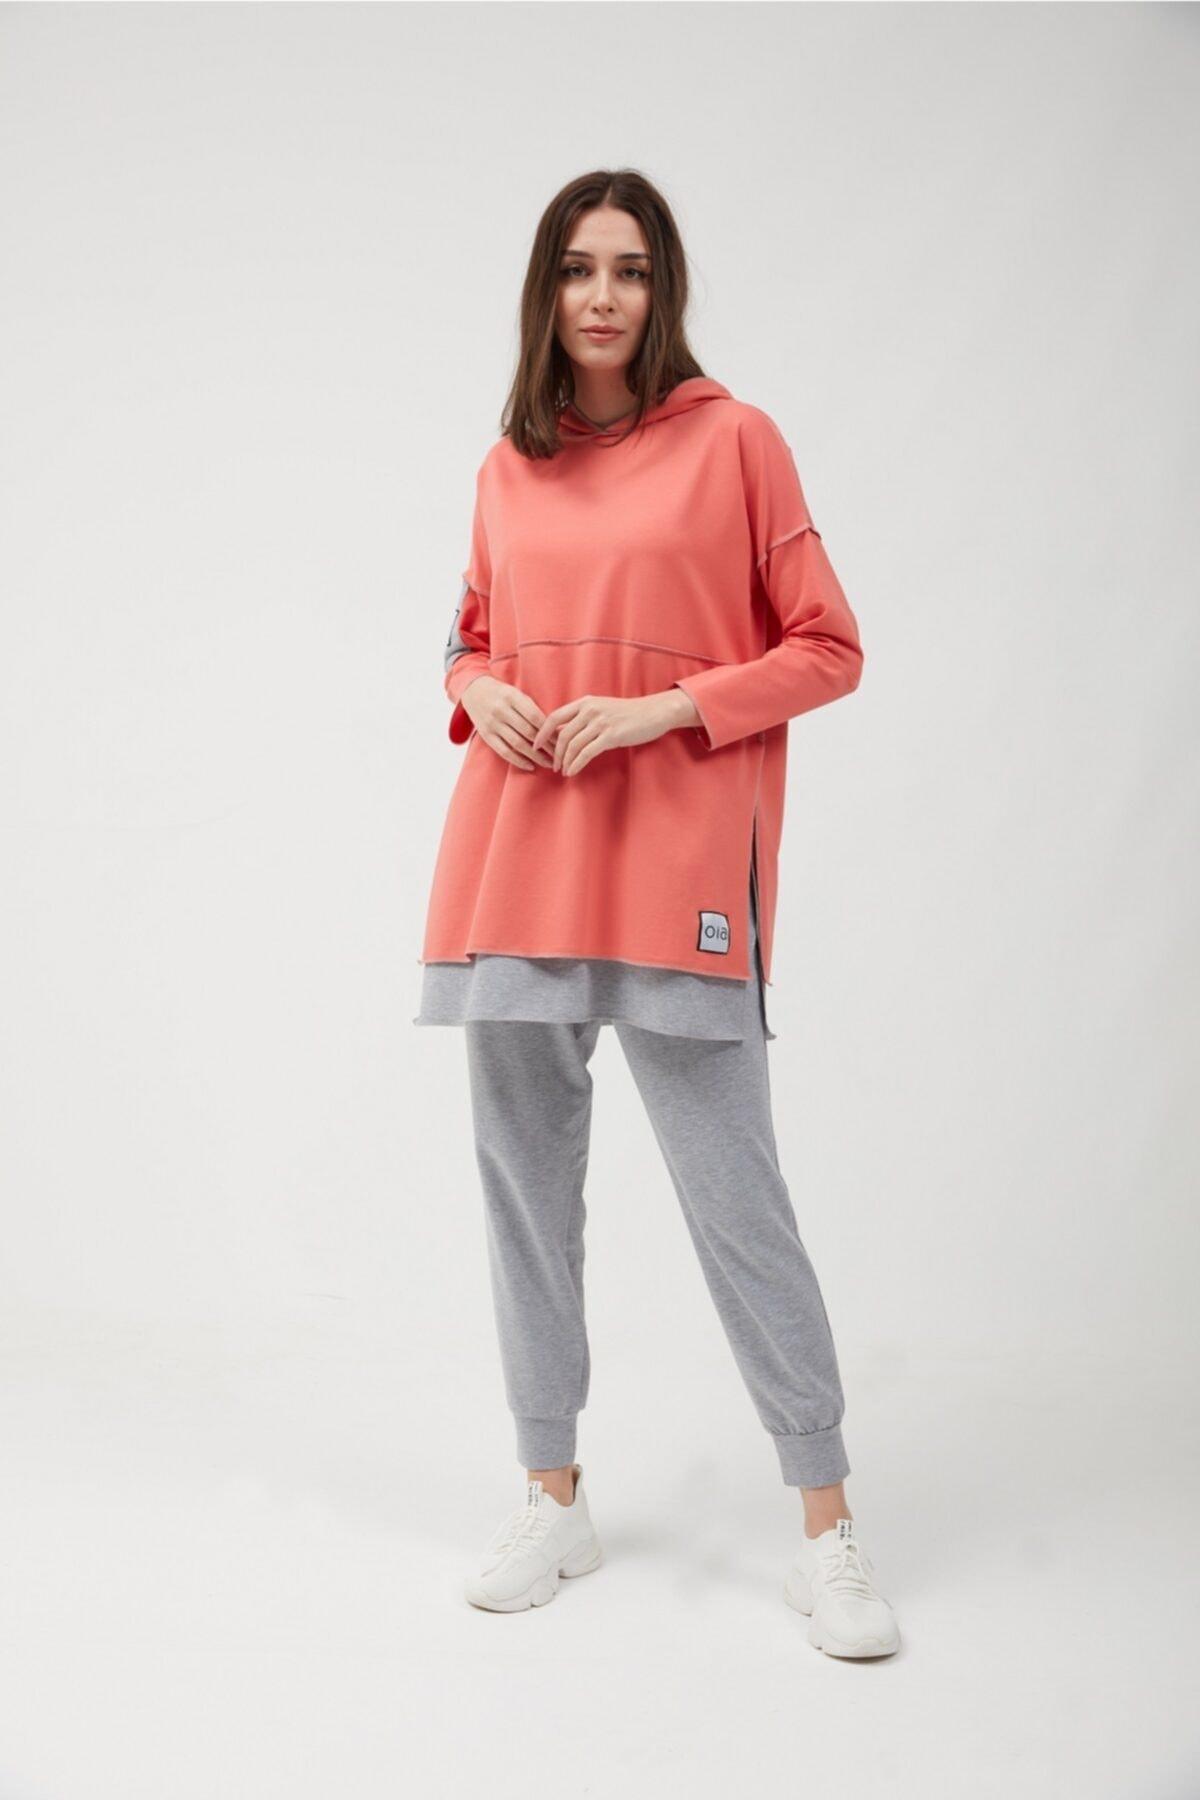 Kadın  Karides Pamuklu Tunik Pantolon Takım Eşofman Takım W-0900